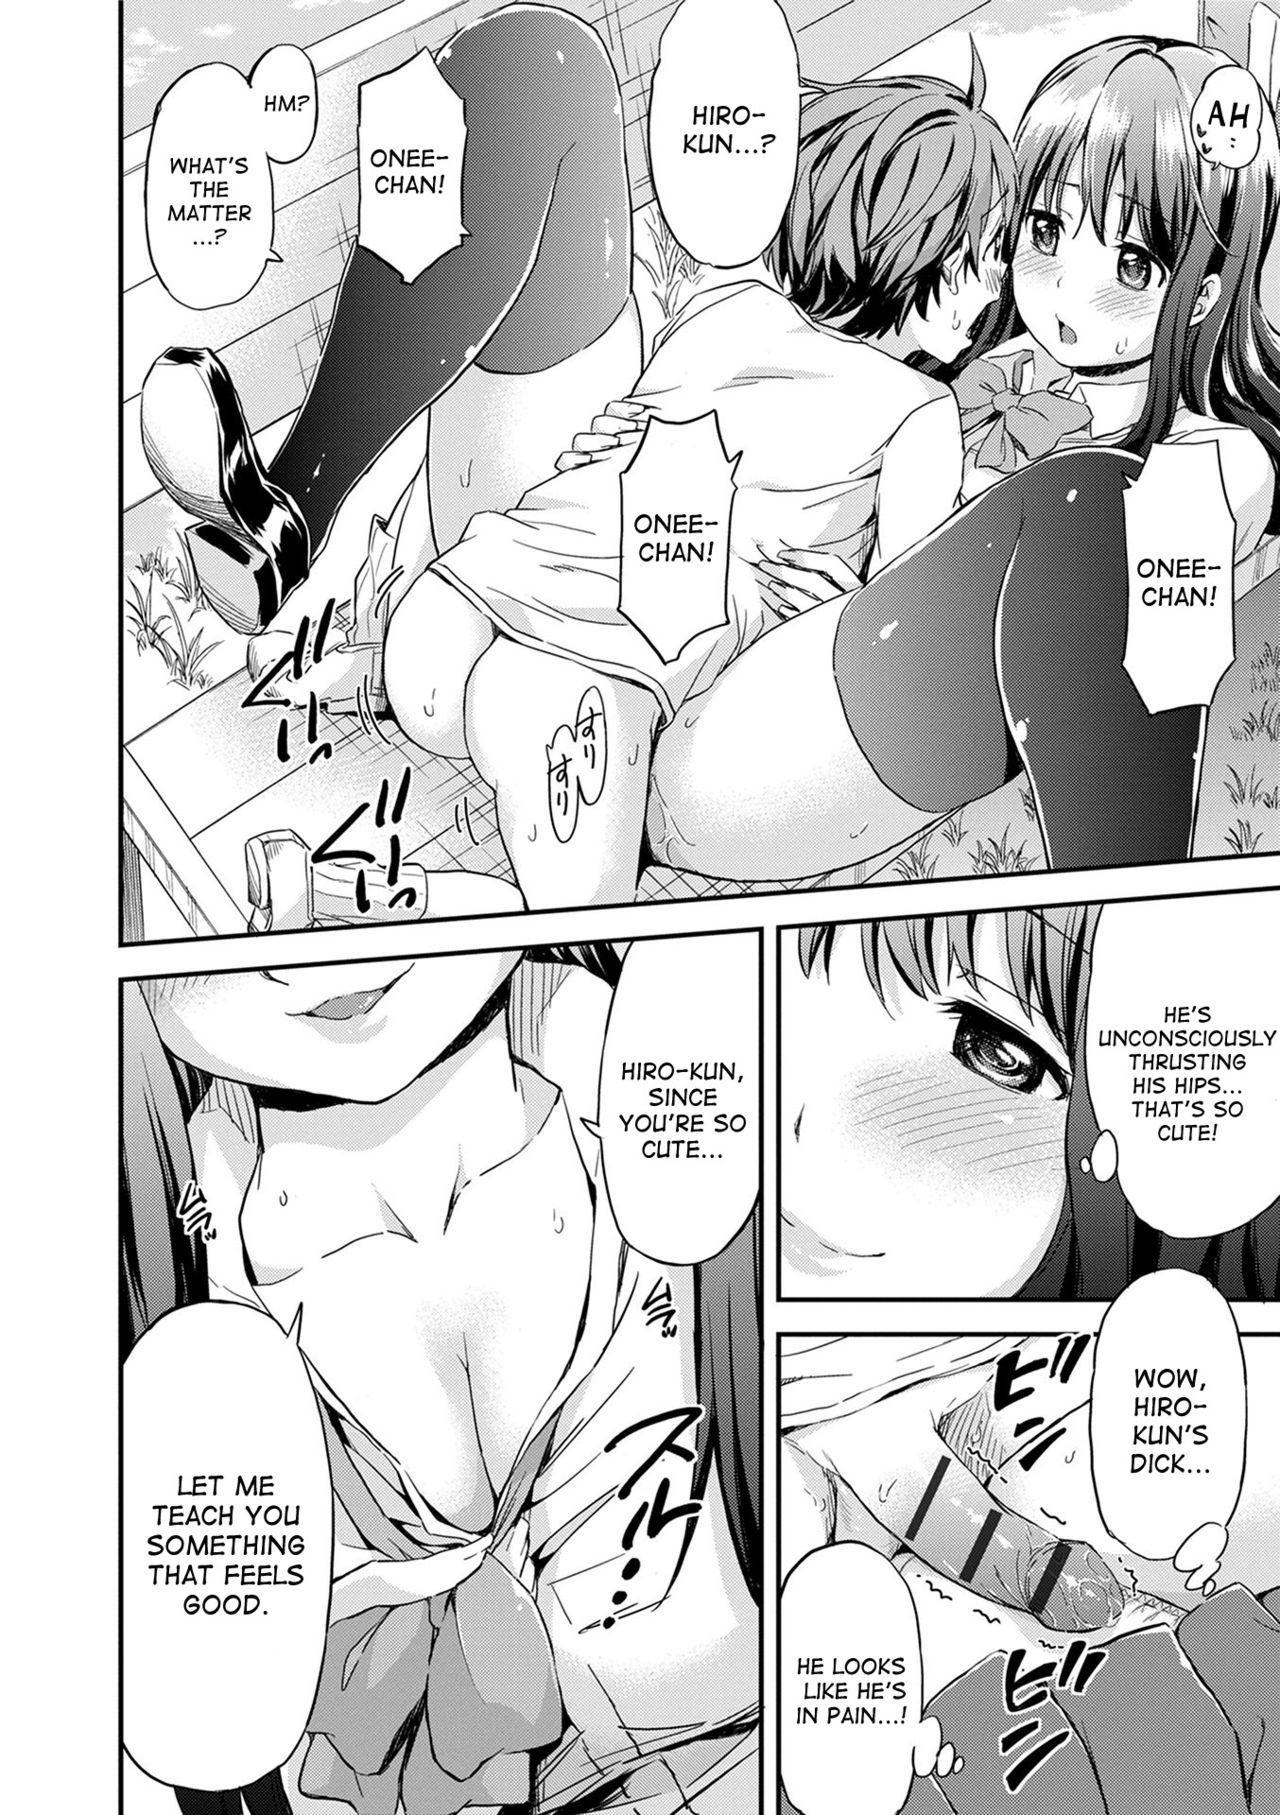 [Higashino Mikan] Onee-chan no Naka de Oshikko Shite!   Come Pee Inside Onee-chan! (Atsuatsu Mochimochi) [English] [desudesu] 11